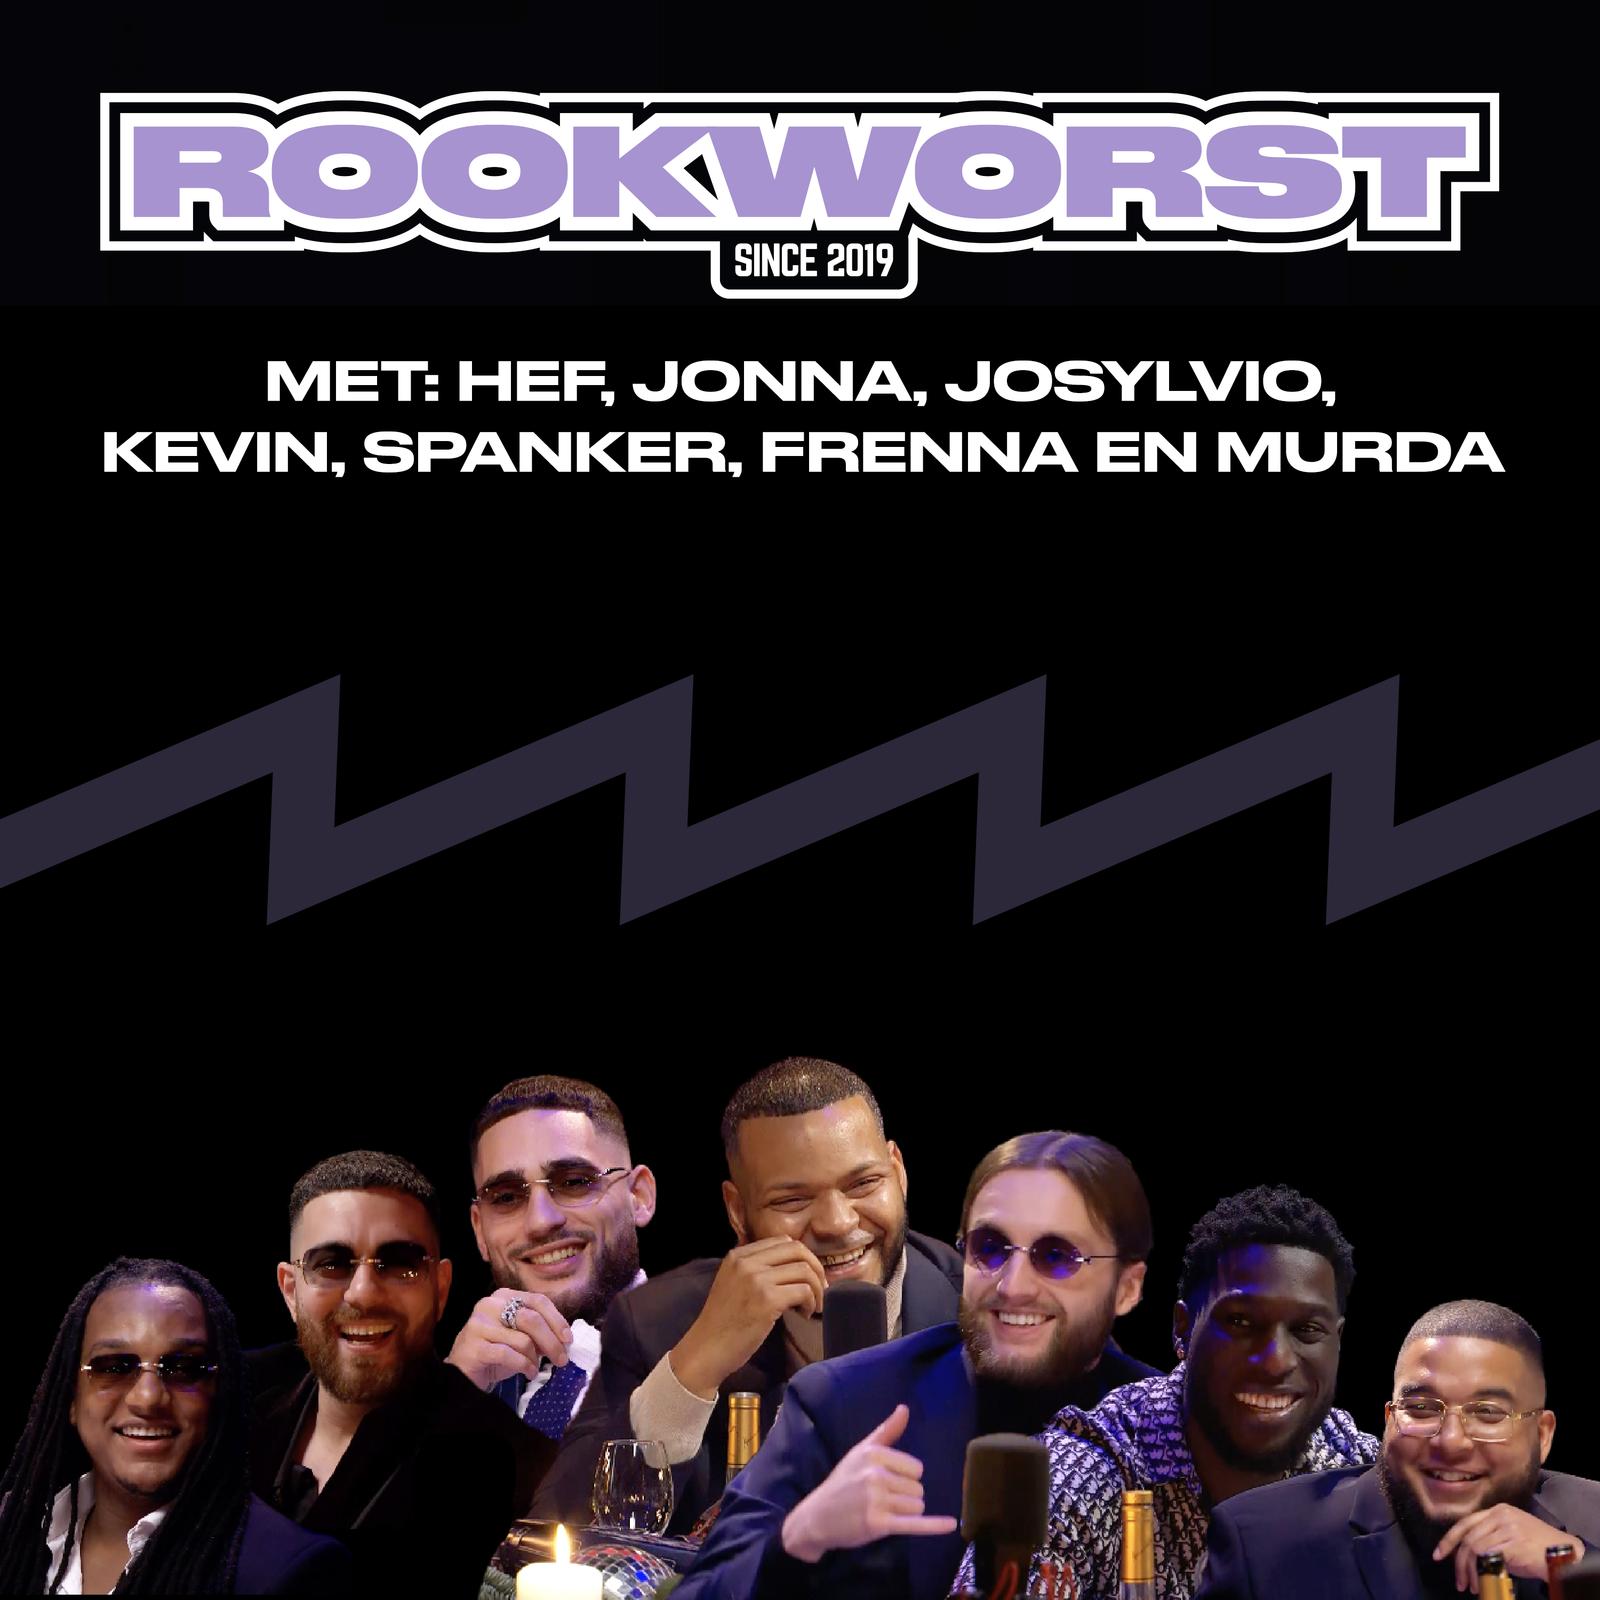 7: Ep. 7 met HEF, JONNA, JOSYLVIO, KEVIN, SPANKERM FRENNA EN MURDA